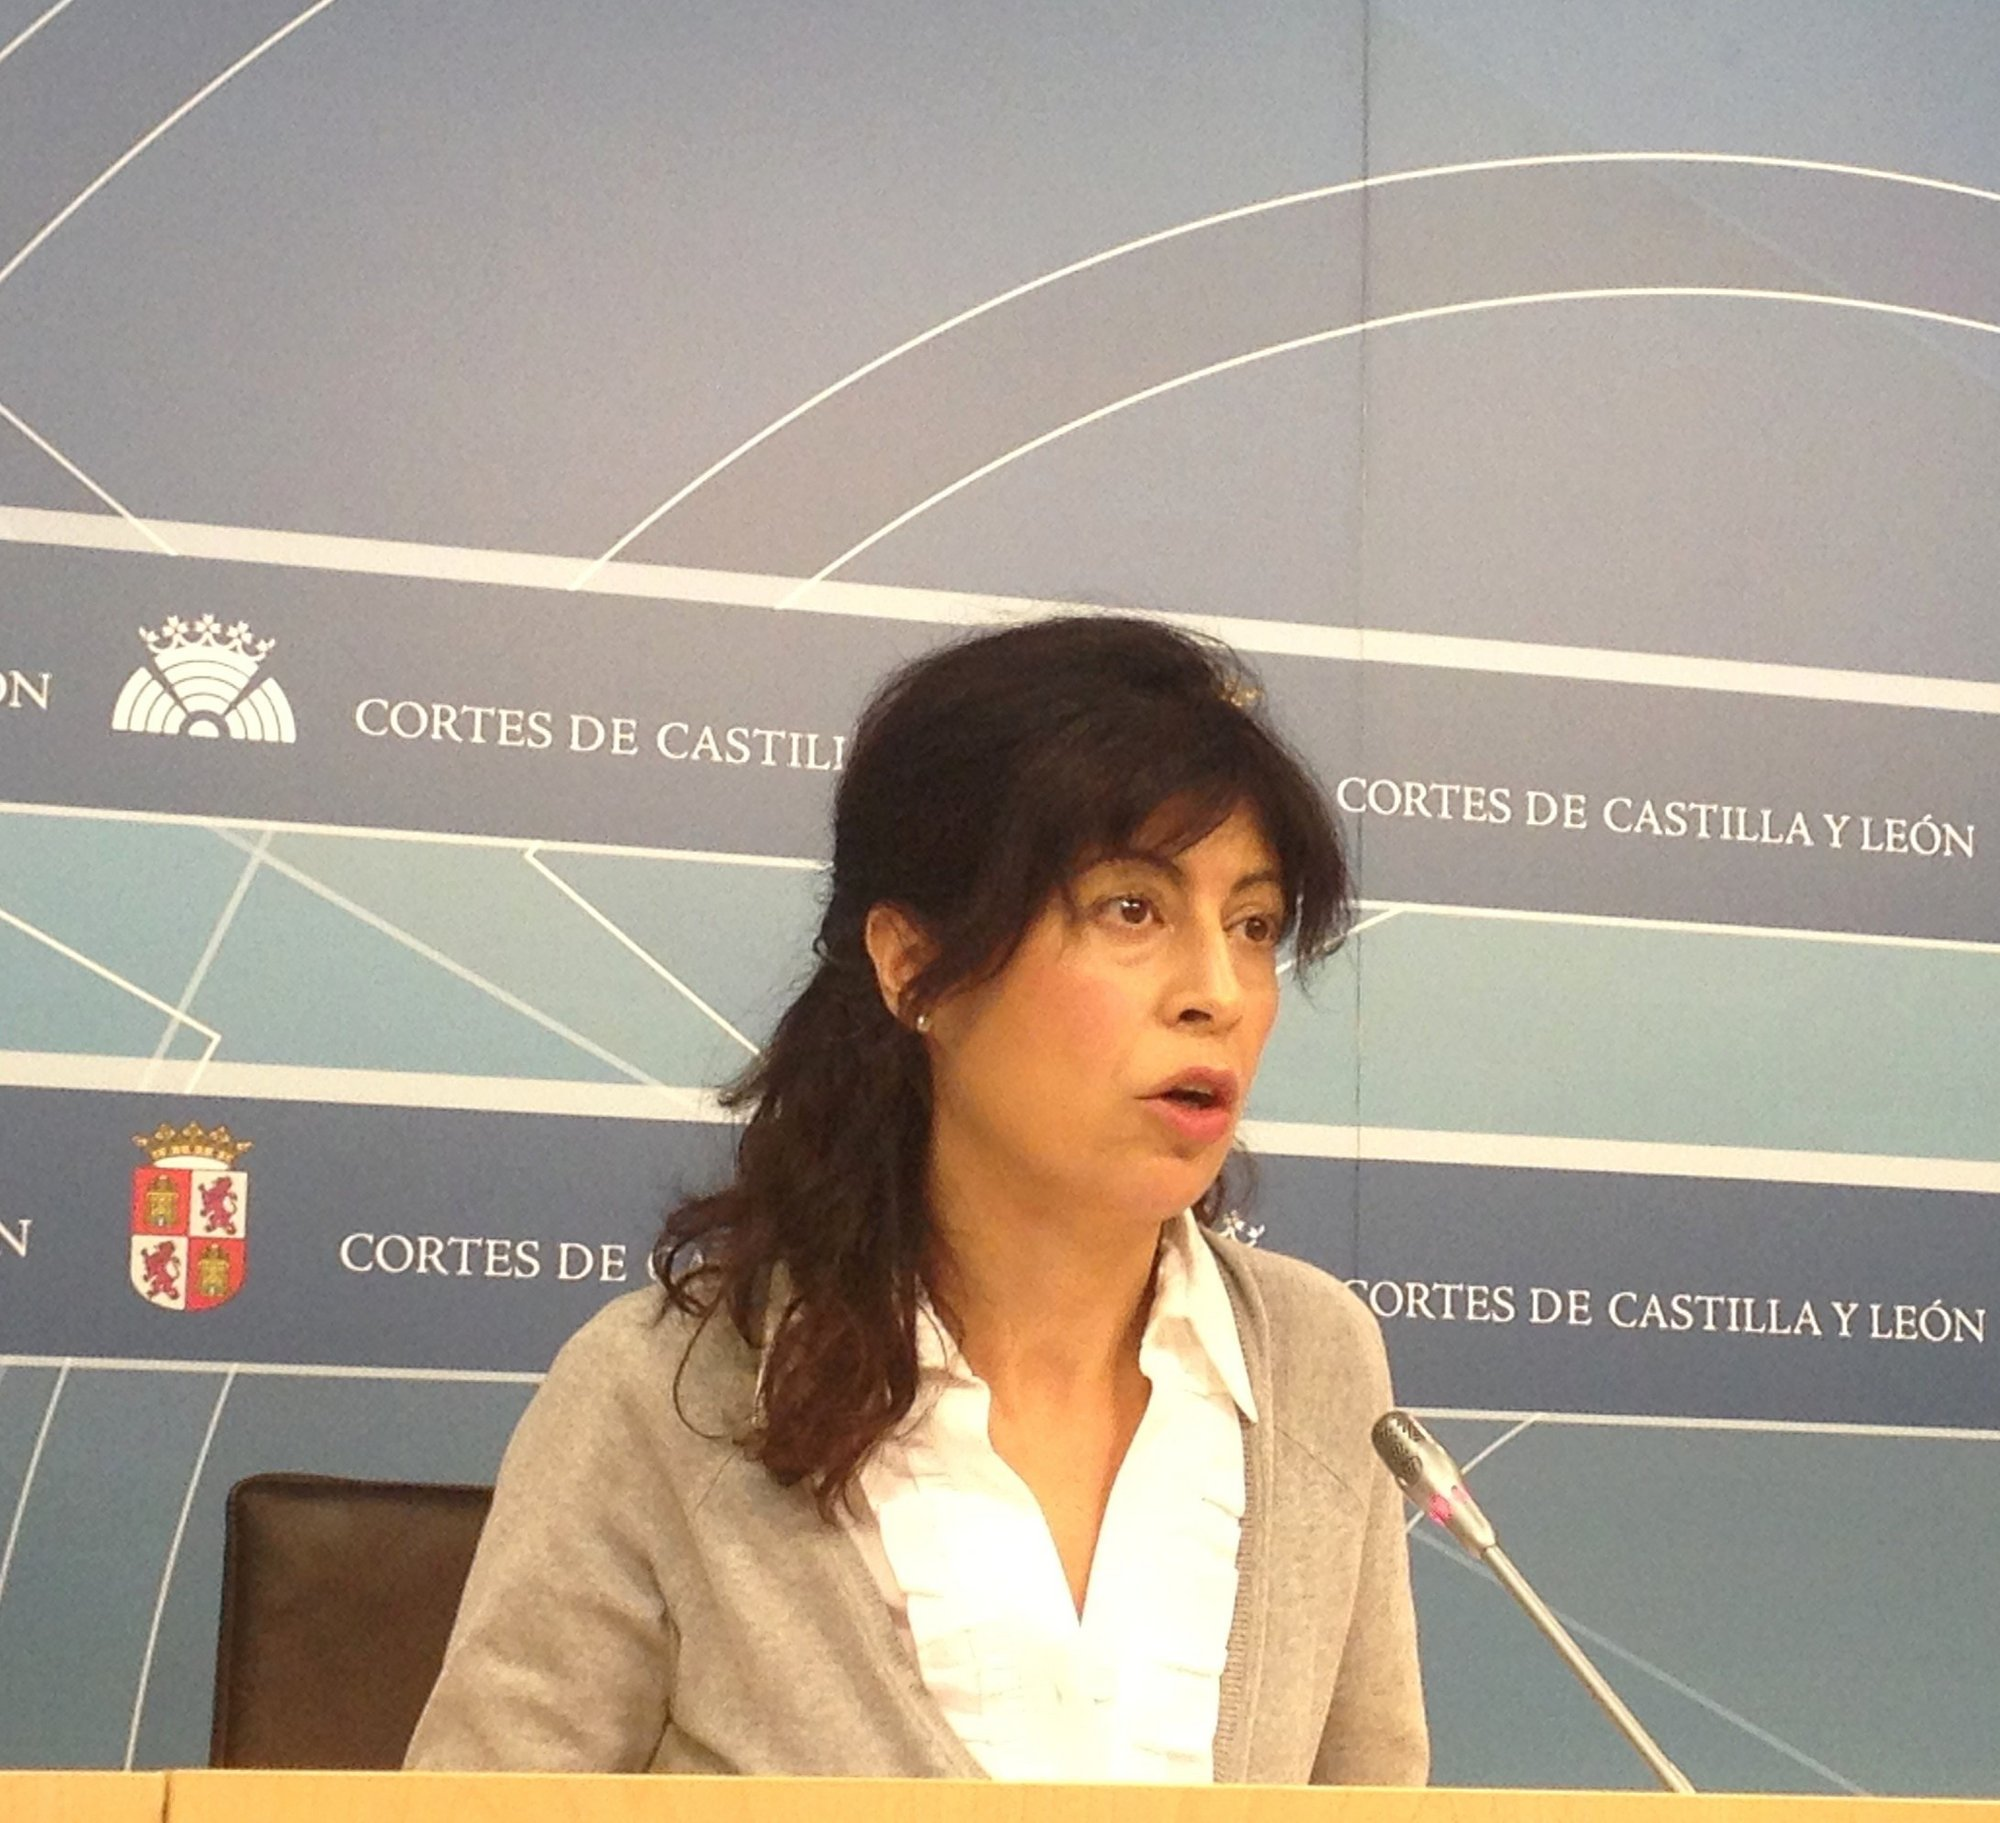 El PSOE propone a la administración medidas de «coste 0» para paliar las acciones «insuficientes» contra los desahucios